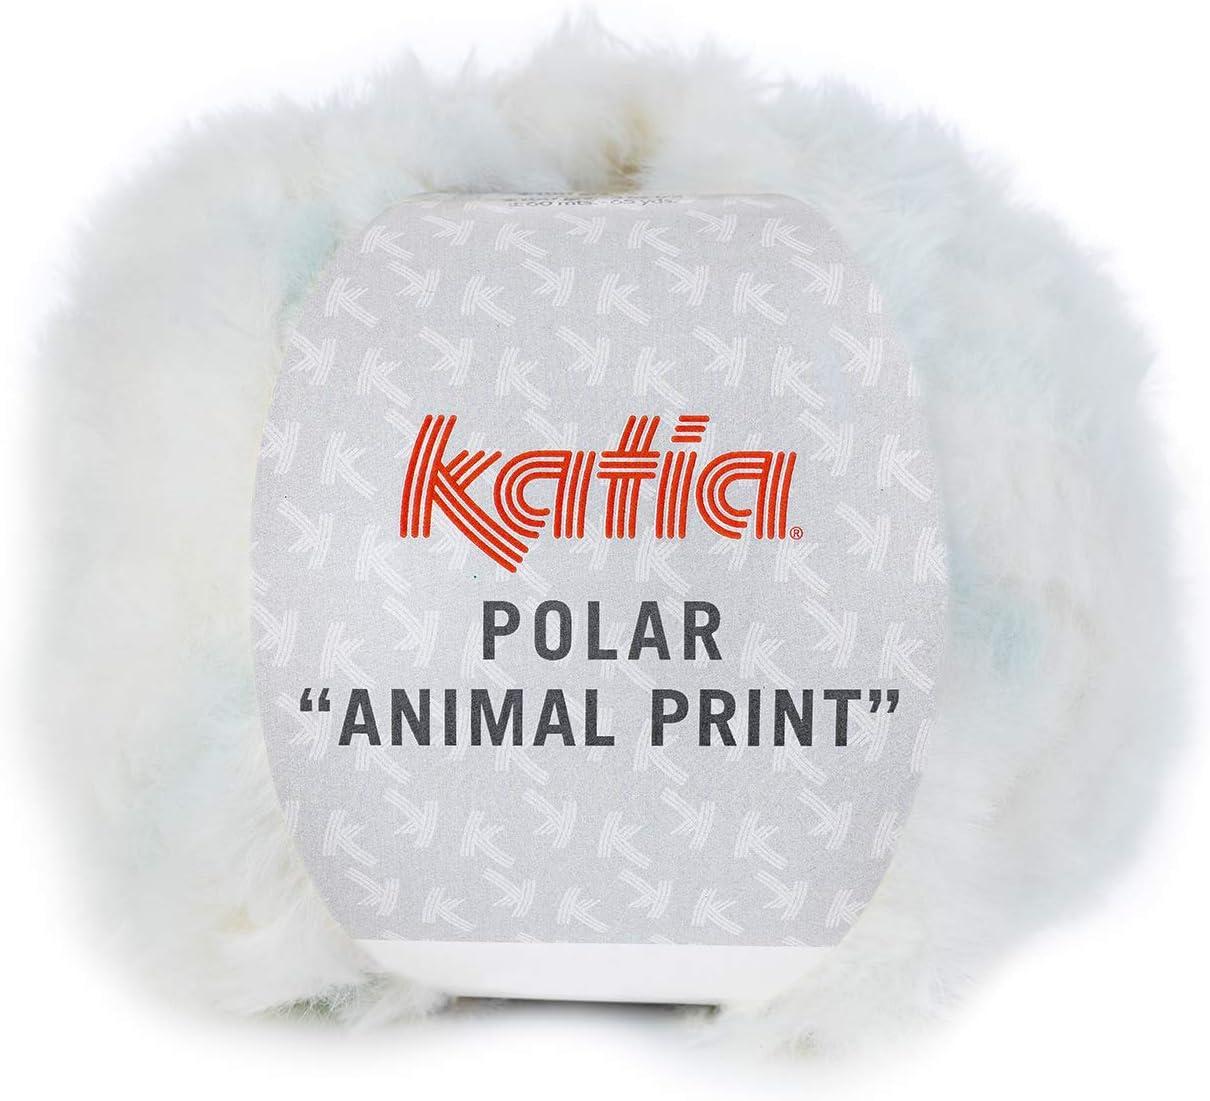 60 M Laine - 100 g//Env 203 Polaire Animal Print de Katia-Crudo//CELESTE BÉBÉ